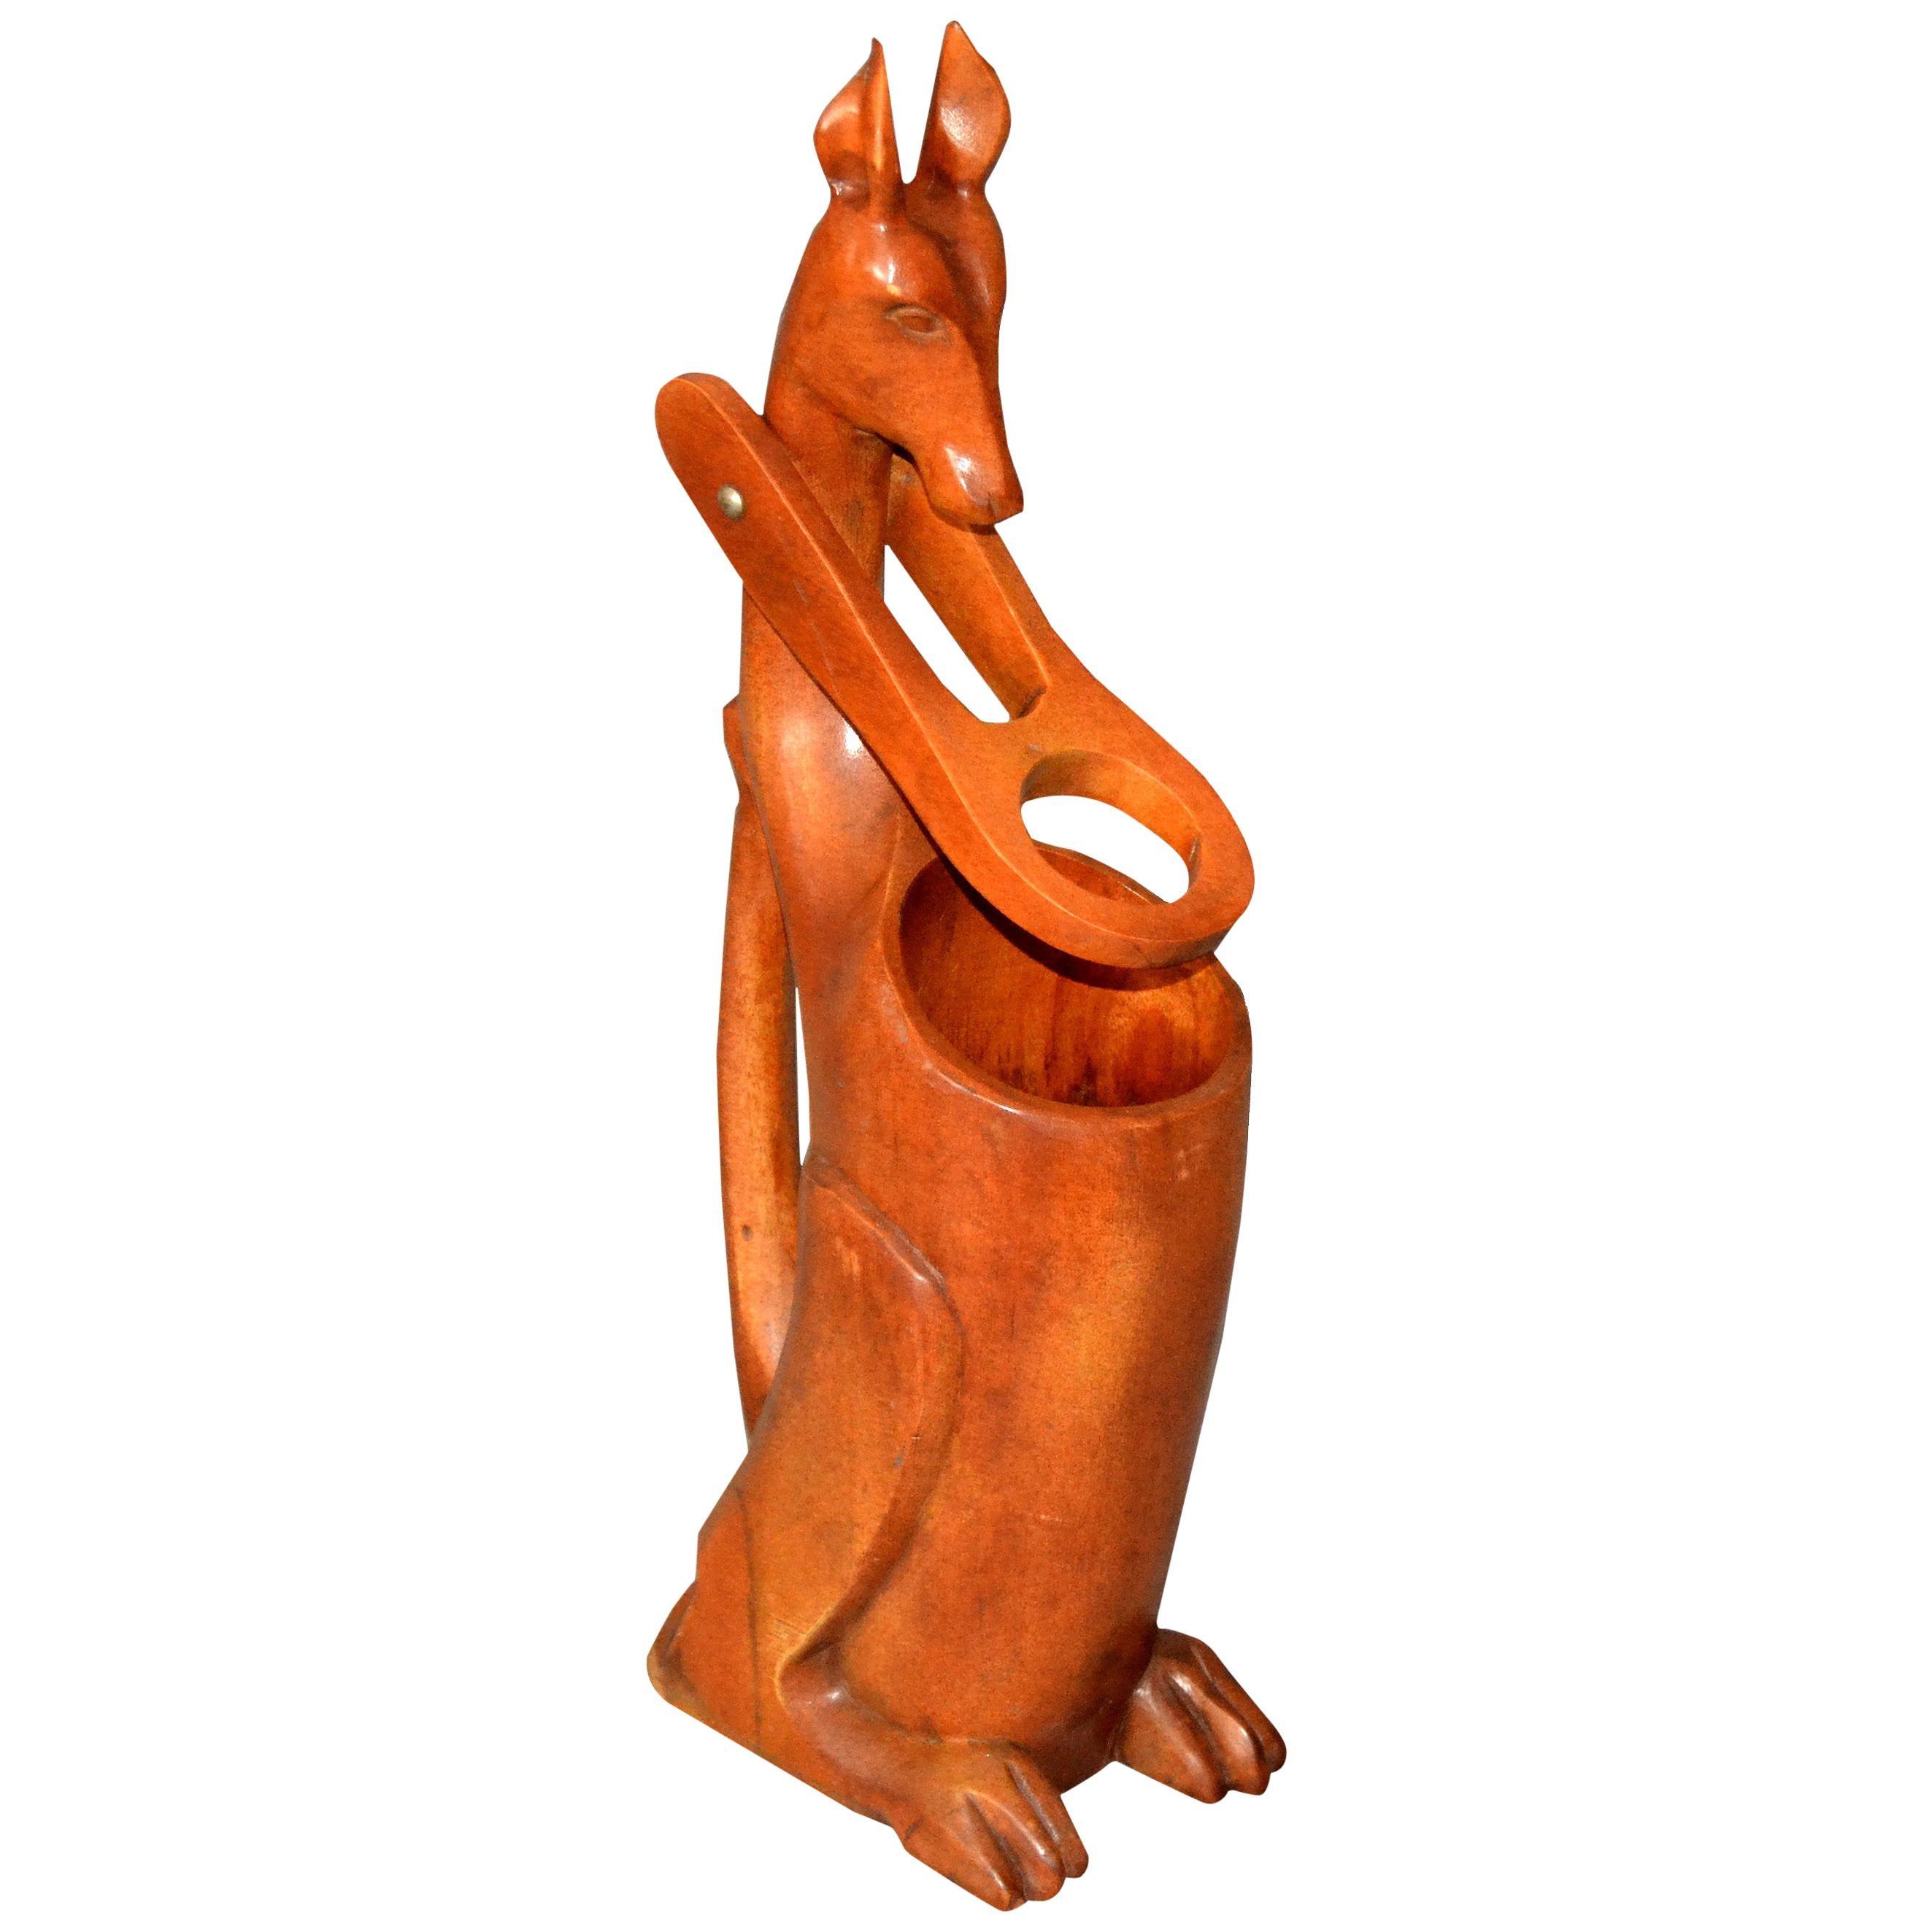 1950s Folk Art Hand Carved Wooden Kangaroo Wine Bottle Holder, Pourer, Dispenser